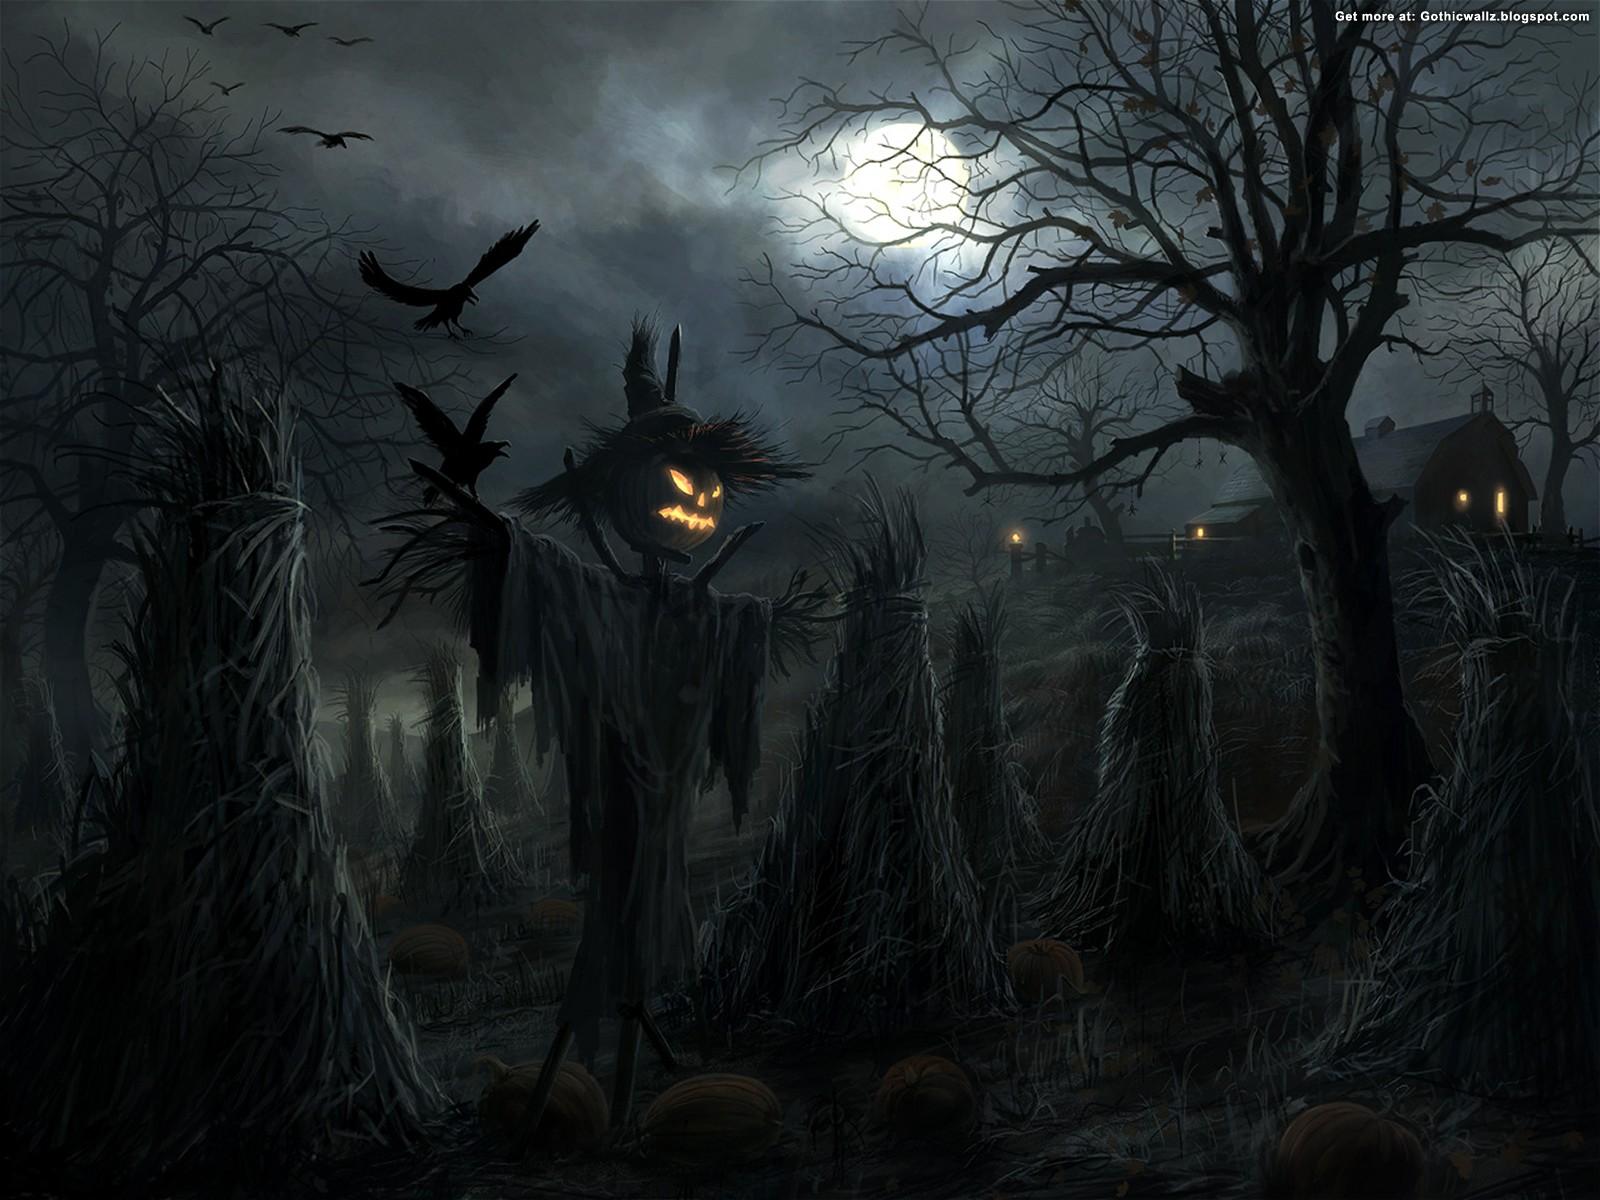 http://2.bp.blogspot.com/_-jo2ZCYhKaY/TG_LBy0VdHI/AAAAAAAAIHw/vZj6YMKGwfY/s1600/Halloween_Graveyard%2B(gothicwallz.blogspot.com).jpg